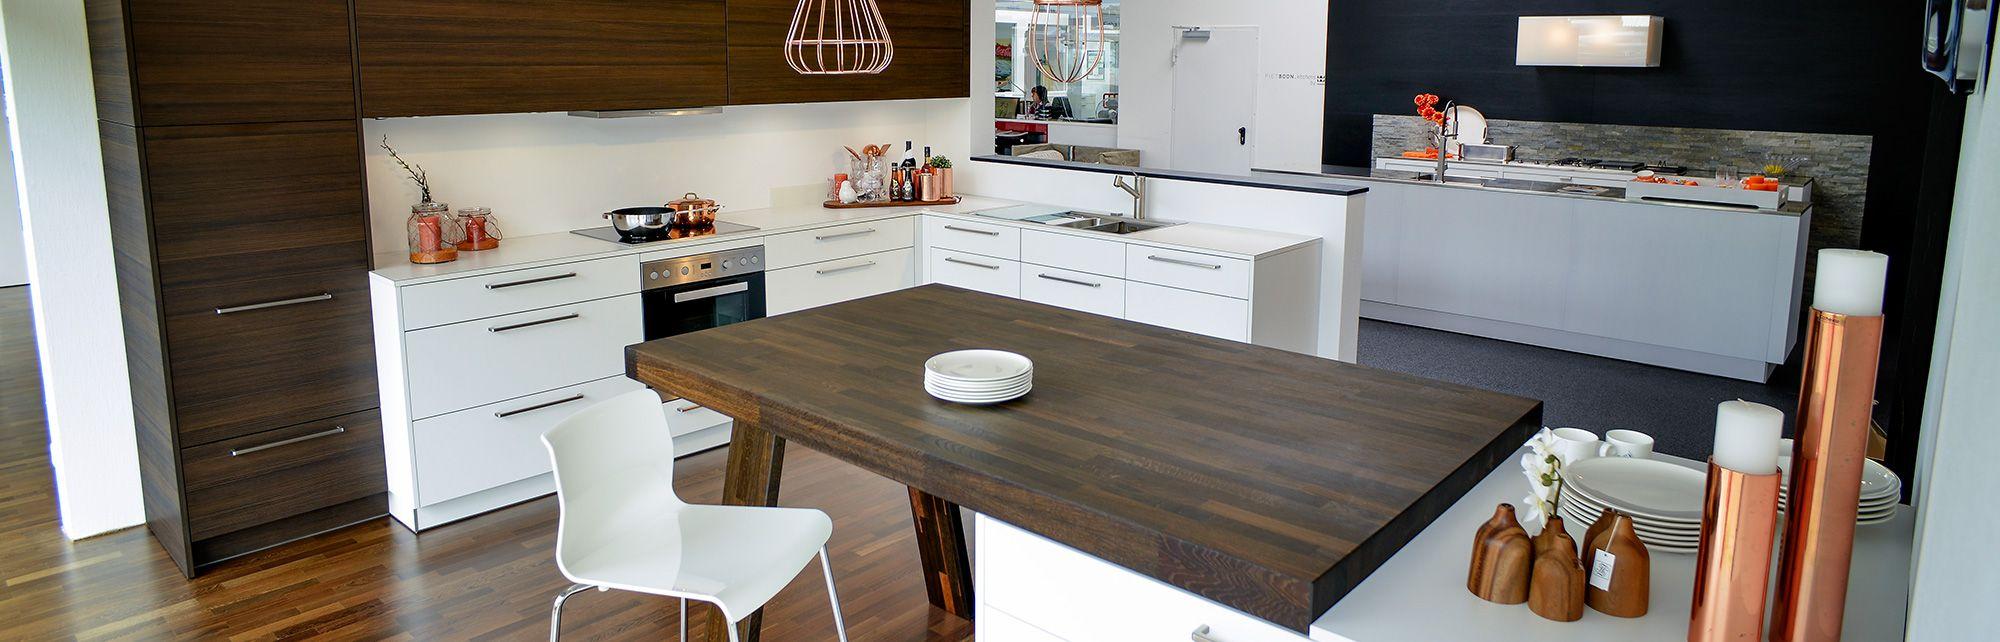 Maßanfertigung von Küchen in Münster   Miele   Meimann